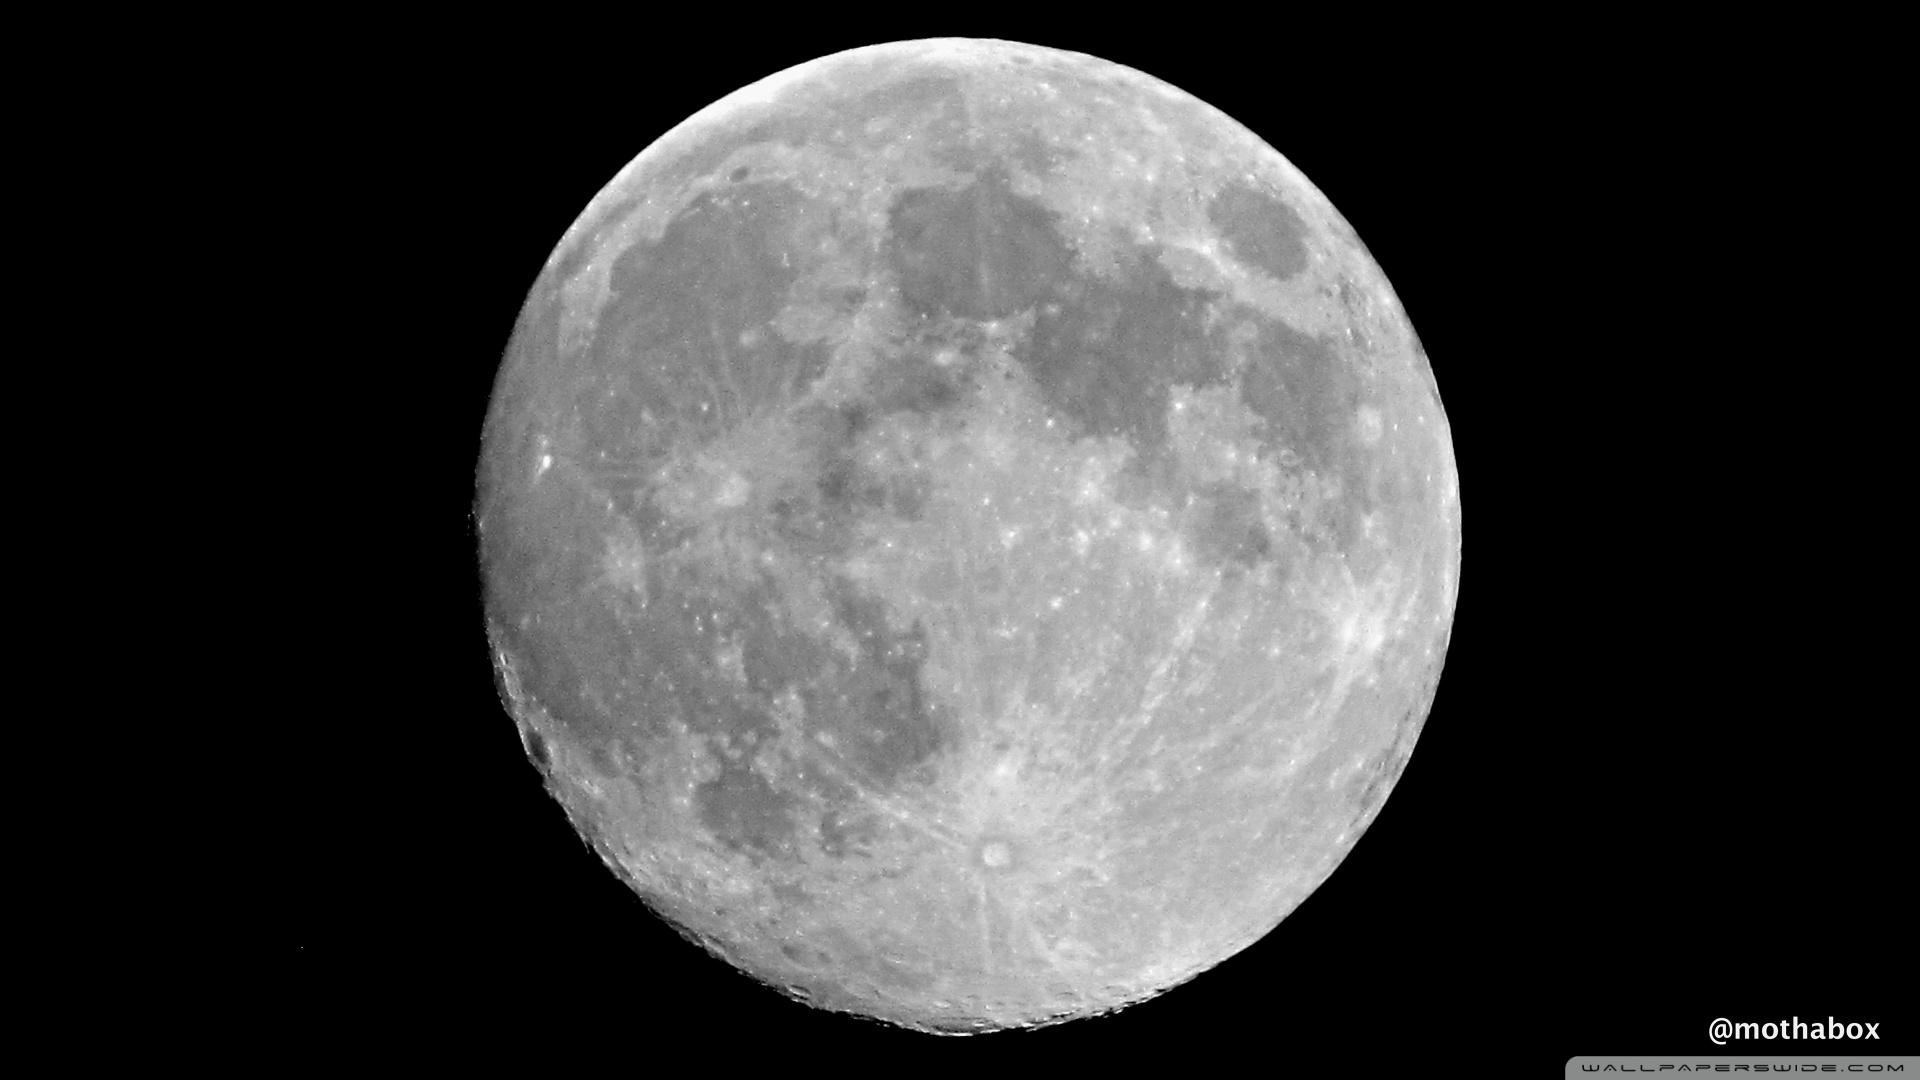 Hd wallpaper moon - Hd 16 9